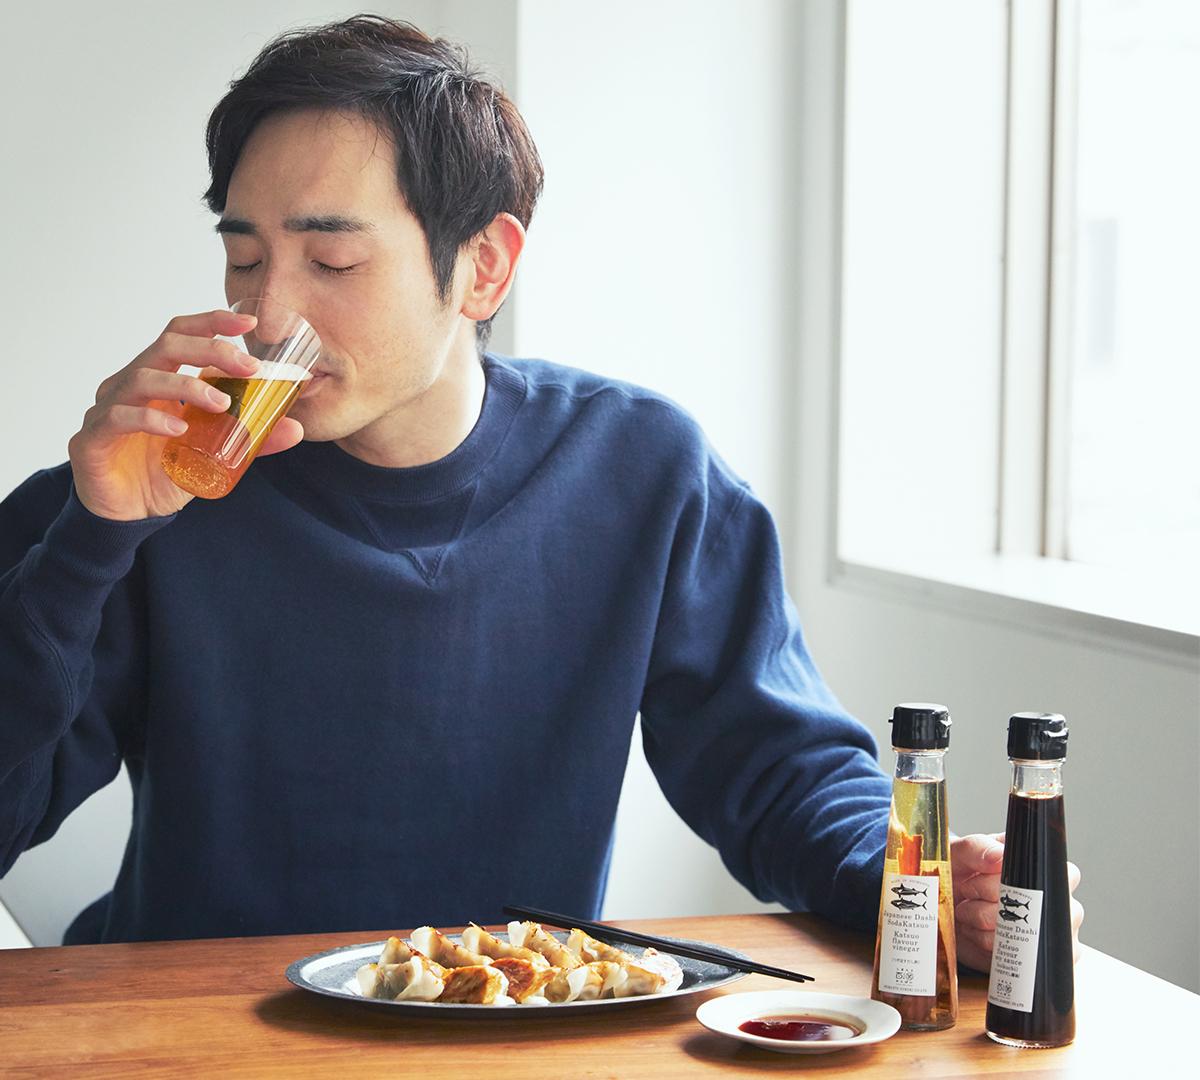 継ぎ足しで繰り返し使える。うまみが凝縮!いつもの調味料が宗田節で輝きだす、つぎ足して使える「だし醤油&だし酢(化粧箱入り)」|SHIMANTO DOMEKI COMPANY